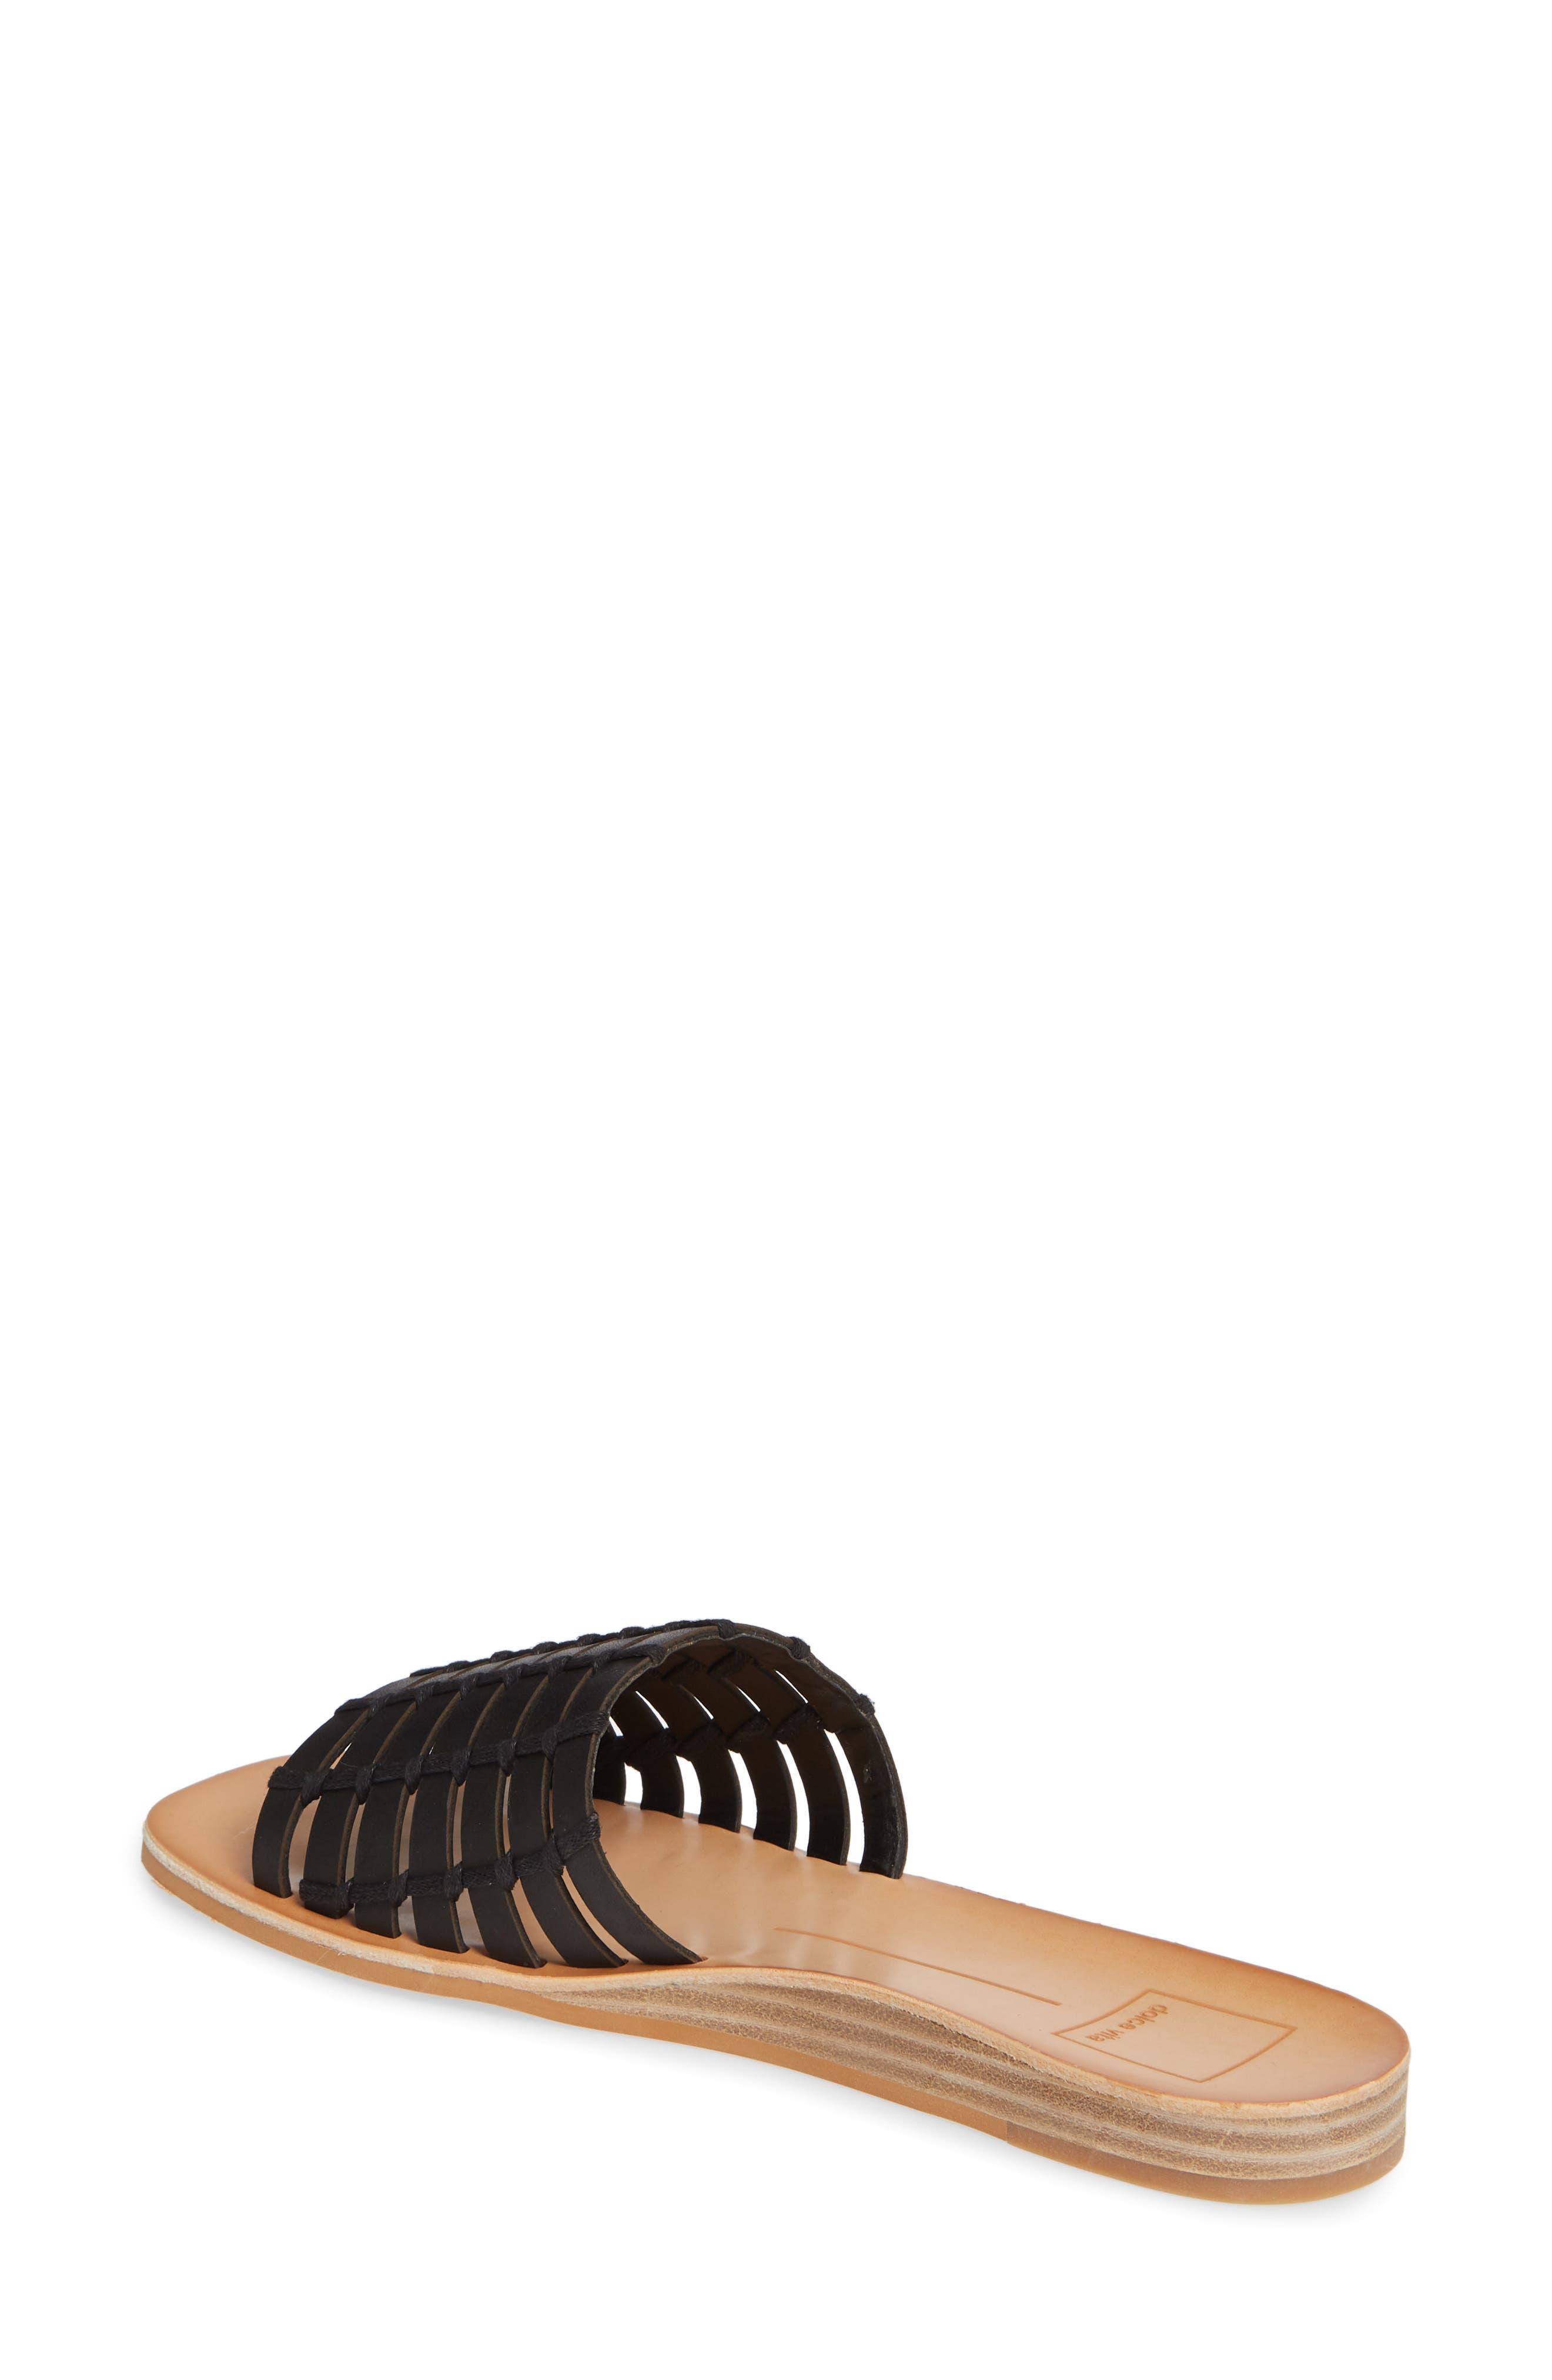 DOLCE VITA, Colsen Slide Sandal, Alternate thumbnail 2, color, BLACK LEATHER